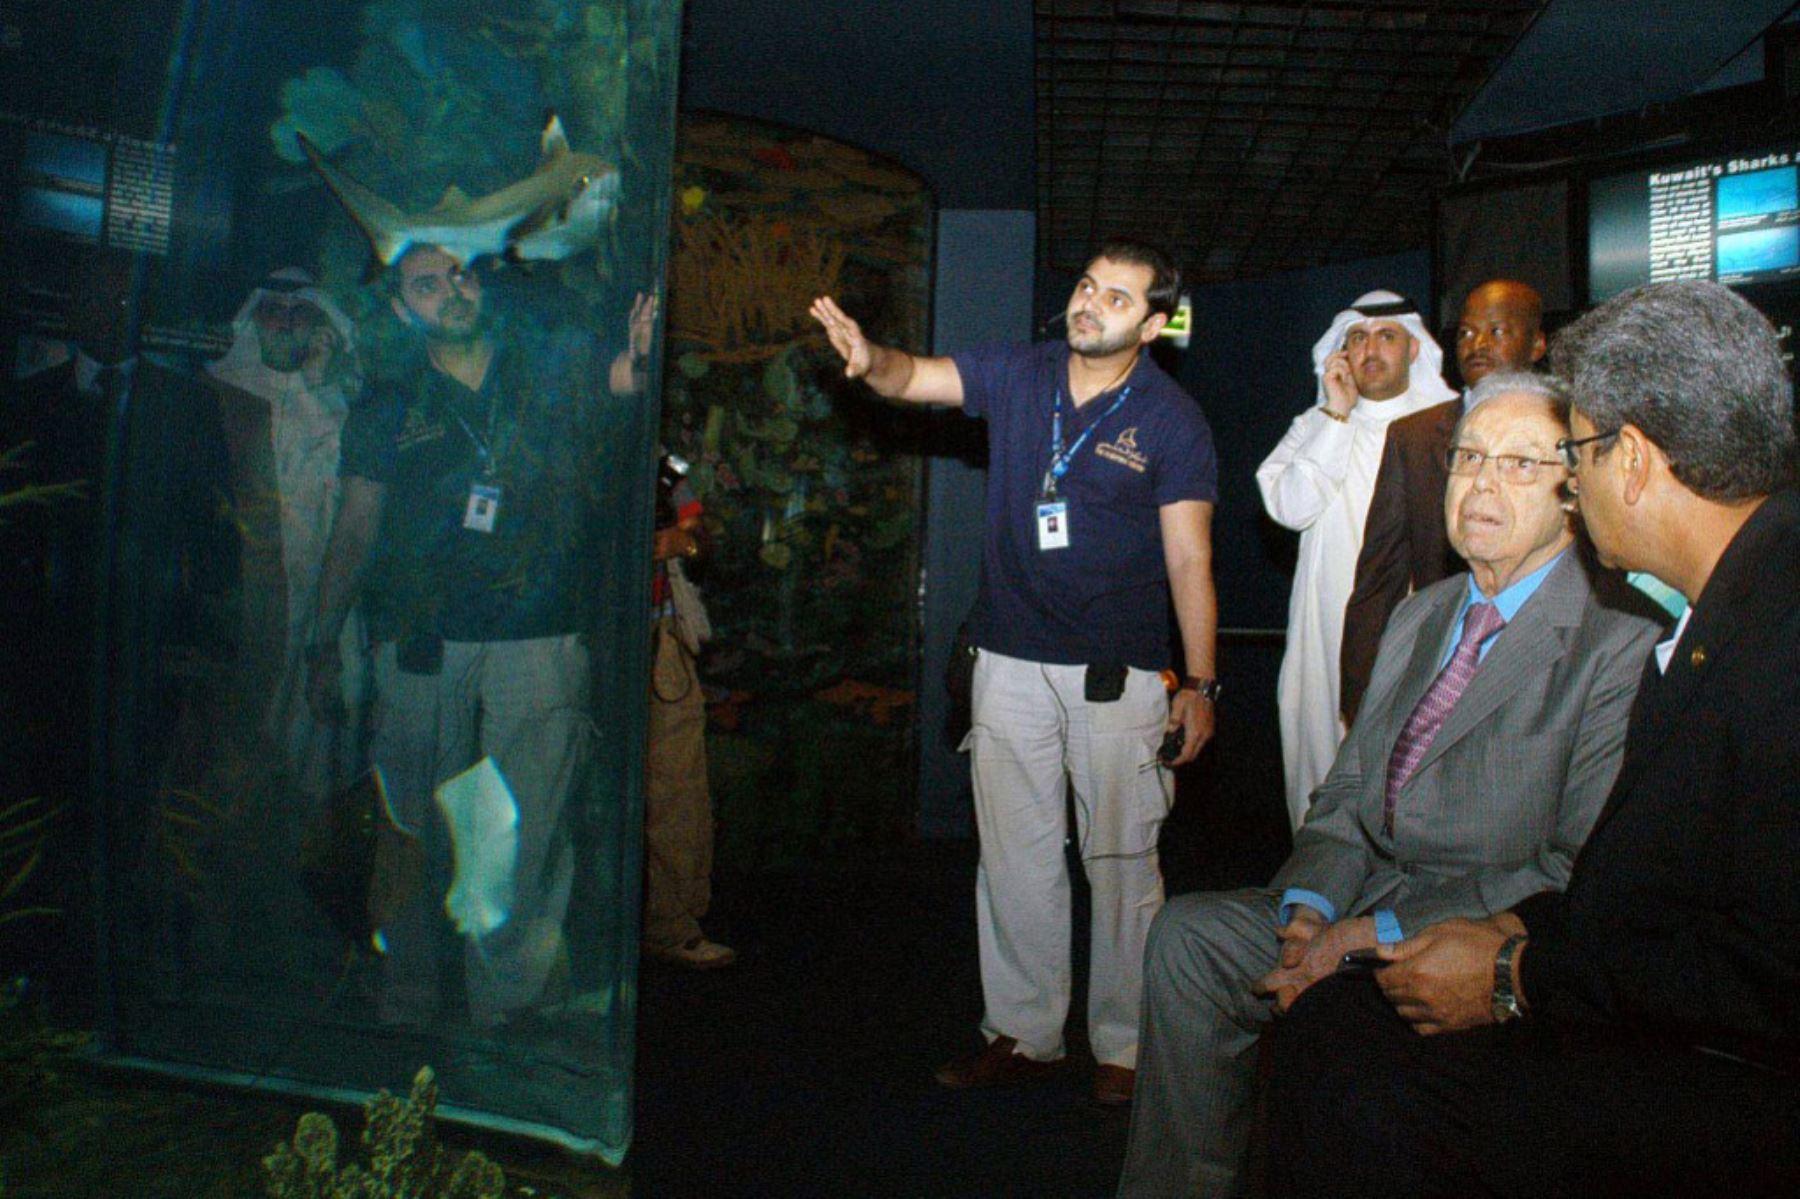 El exsecretario general de la ONU, Javier Pérez de Cuéllar de Perú (2 ° desde la derecha) visita el acuario del Centro Científico en la ciudad de Kuwait el 18 de marzo de 2007. Foto: AFP